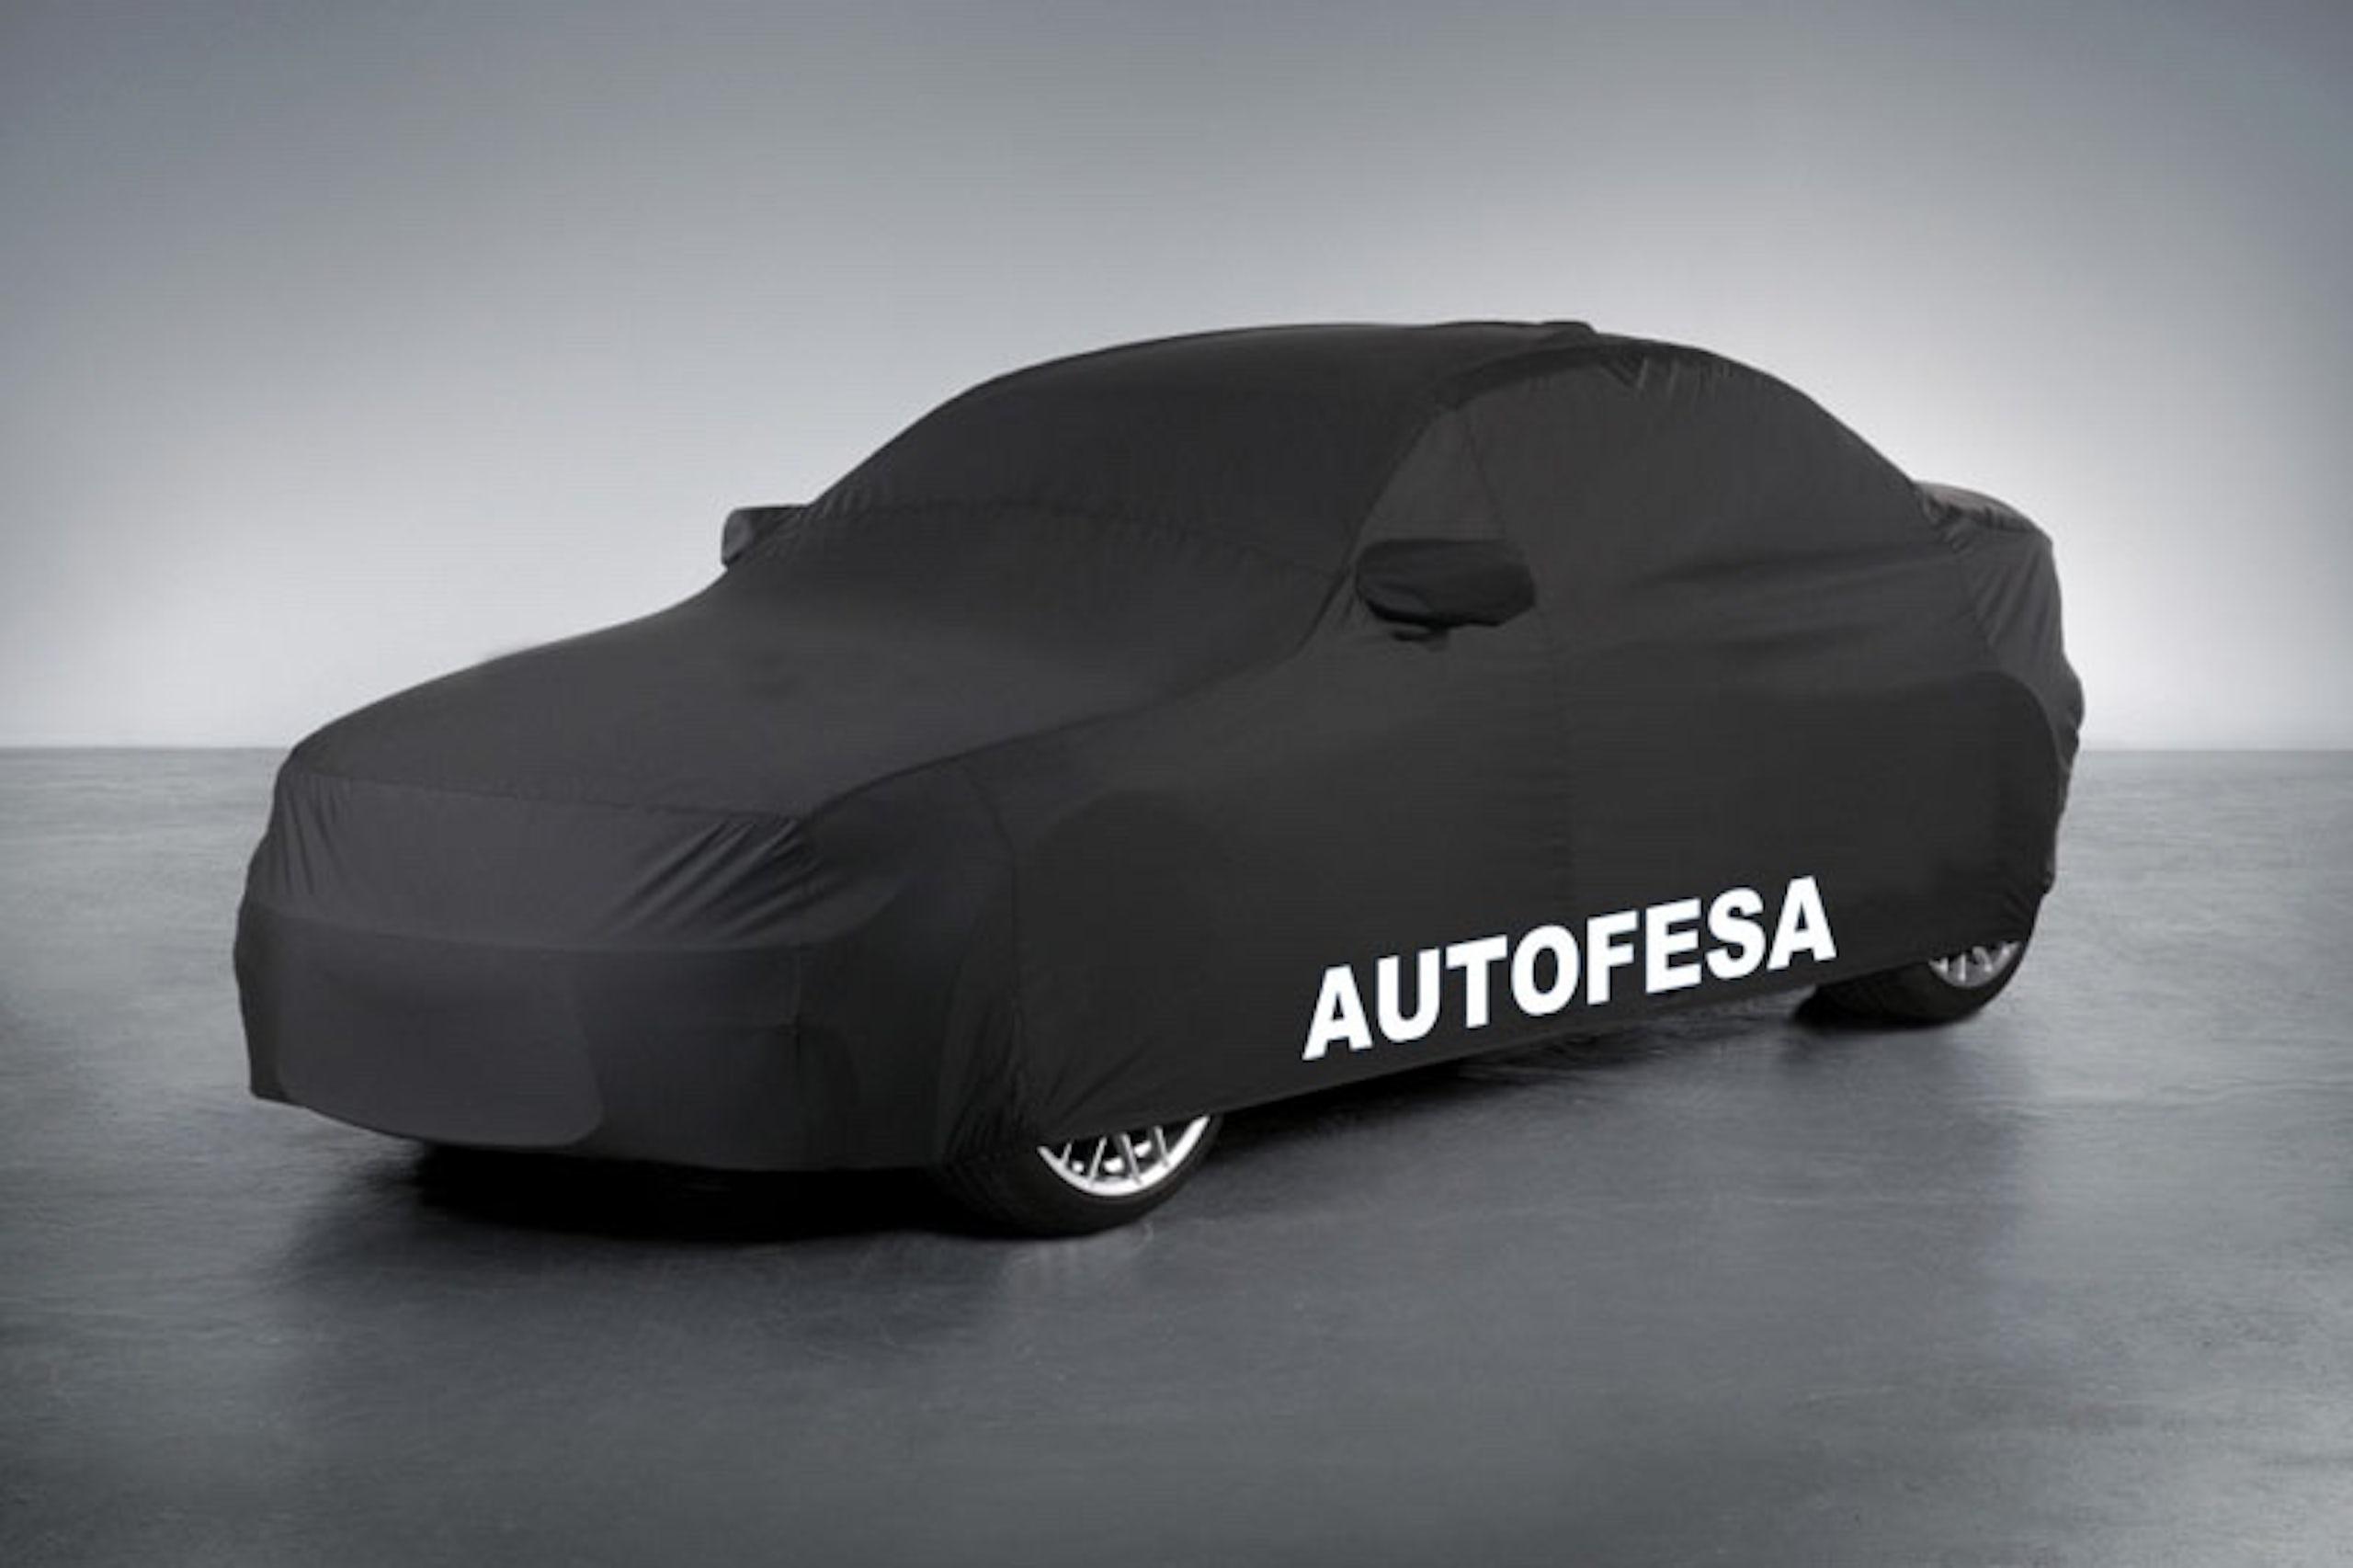 Mercedes-benz GLA 250 2.0 DCT 211cv AMG 4MATIC 7G Auto - Foto 17